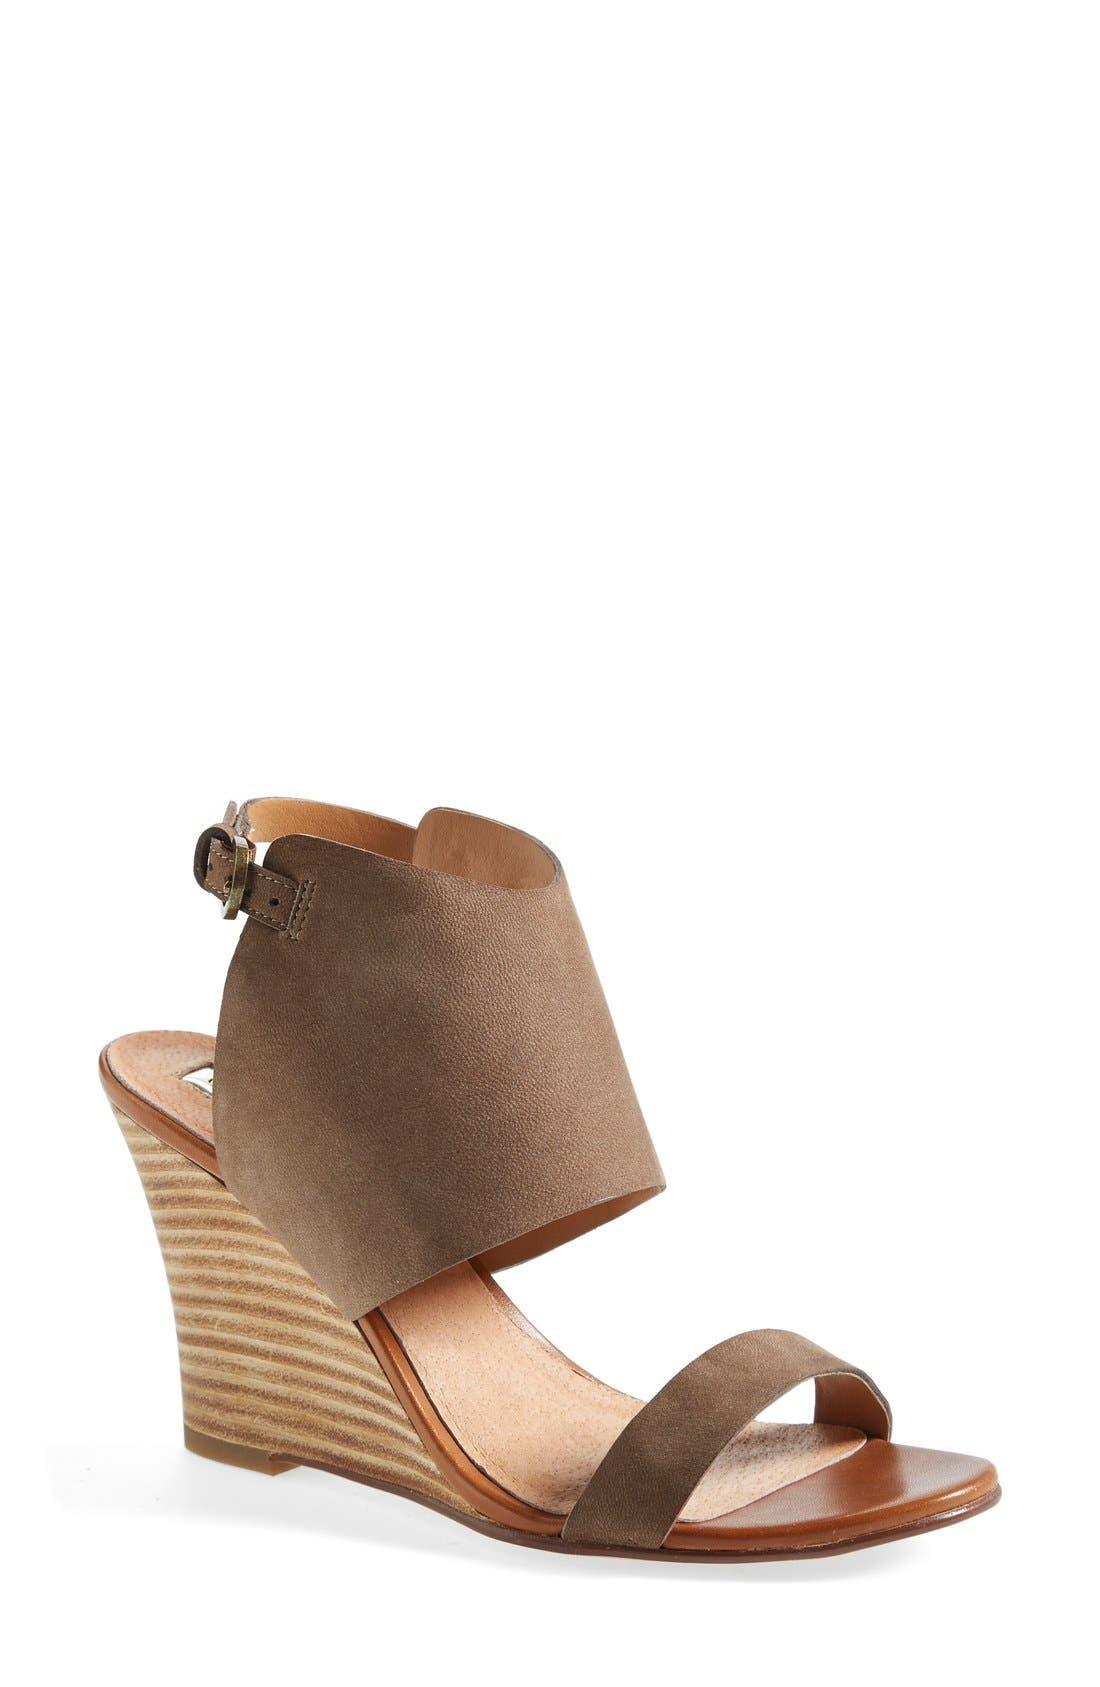 'Clarette' Wedge Sandal,                         Main,                         color, 030